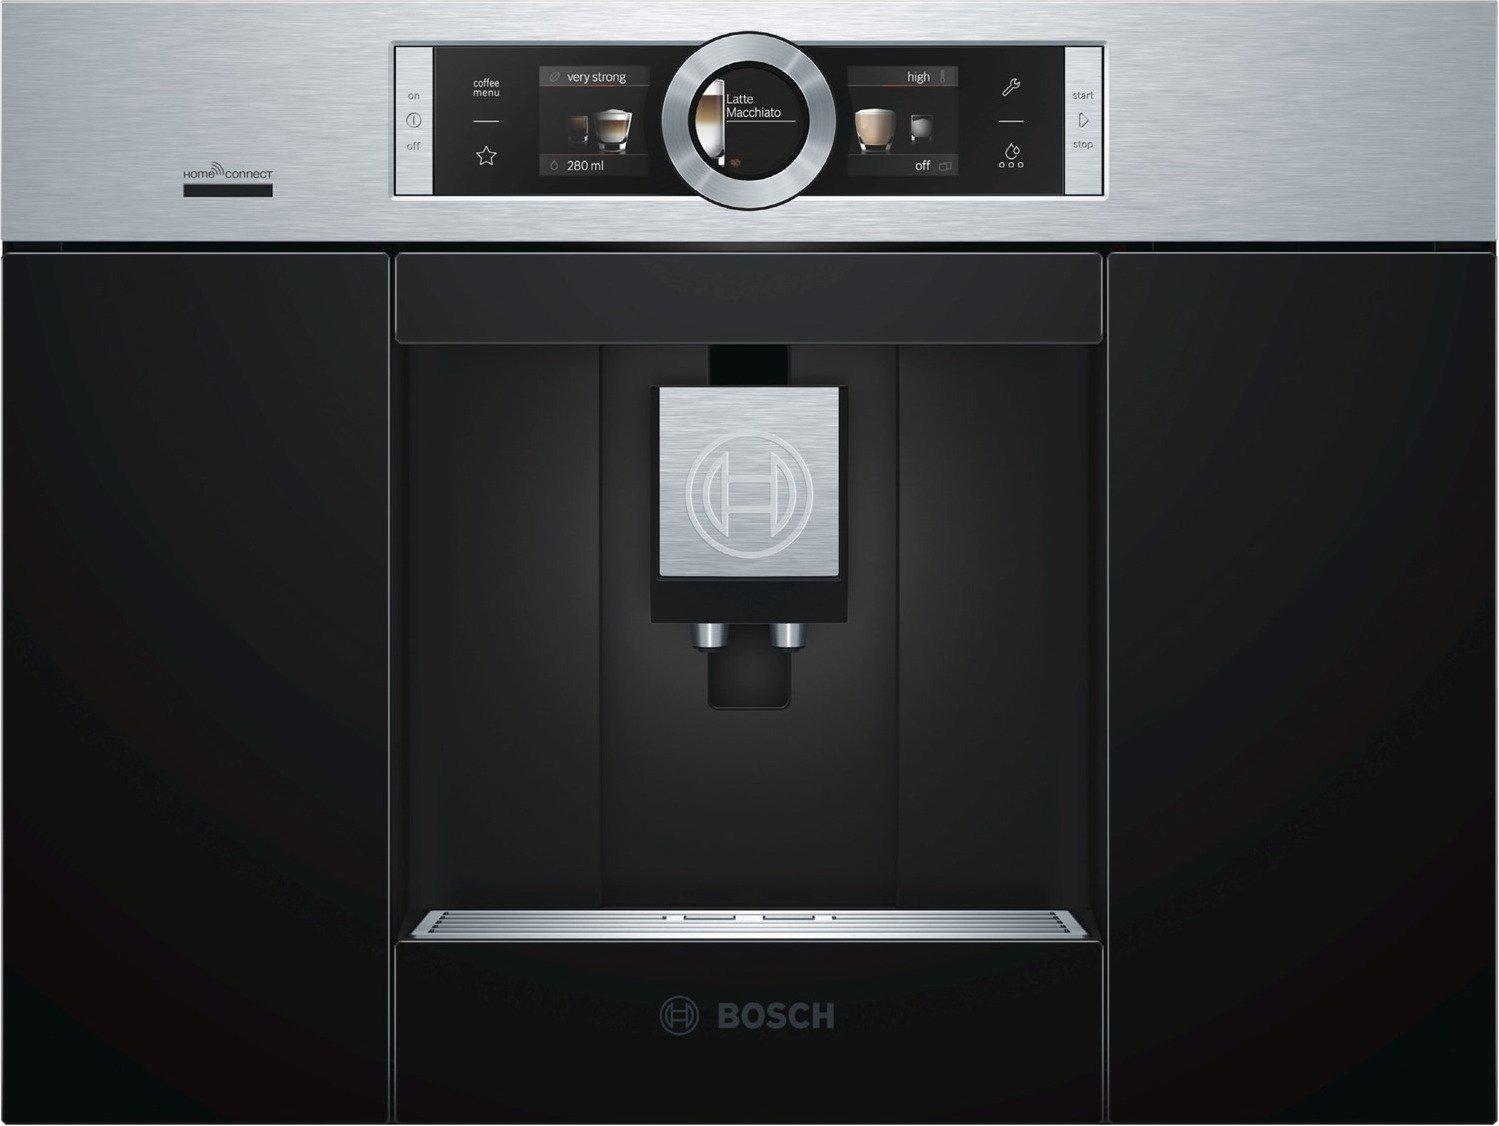 Bosch Kühlschrank Idealo : Bosch ctl es edelstahl günstig online bestellen mit preis ✓